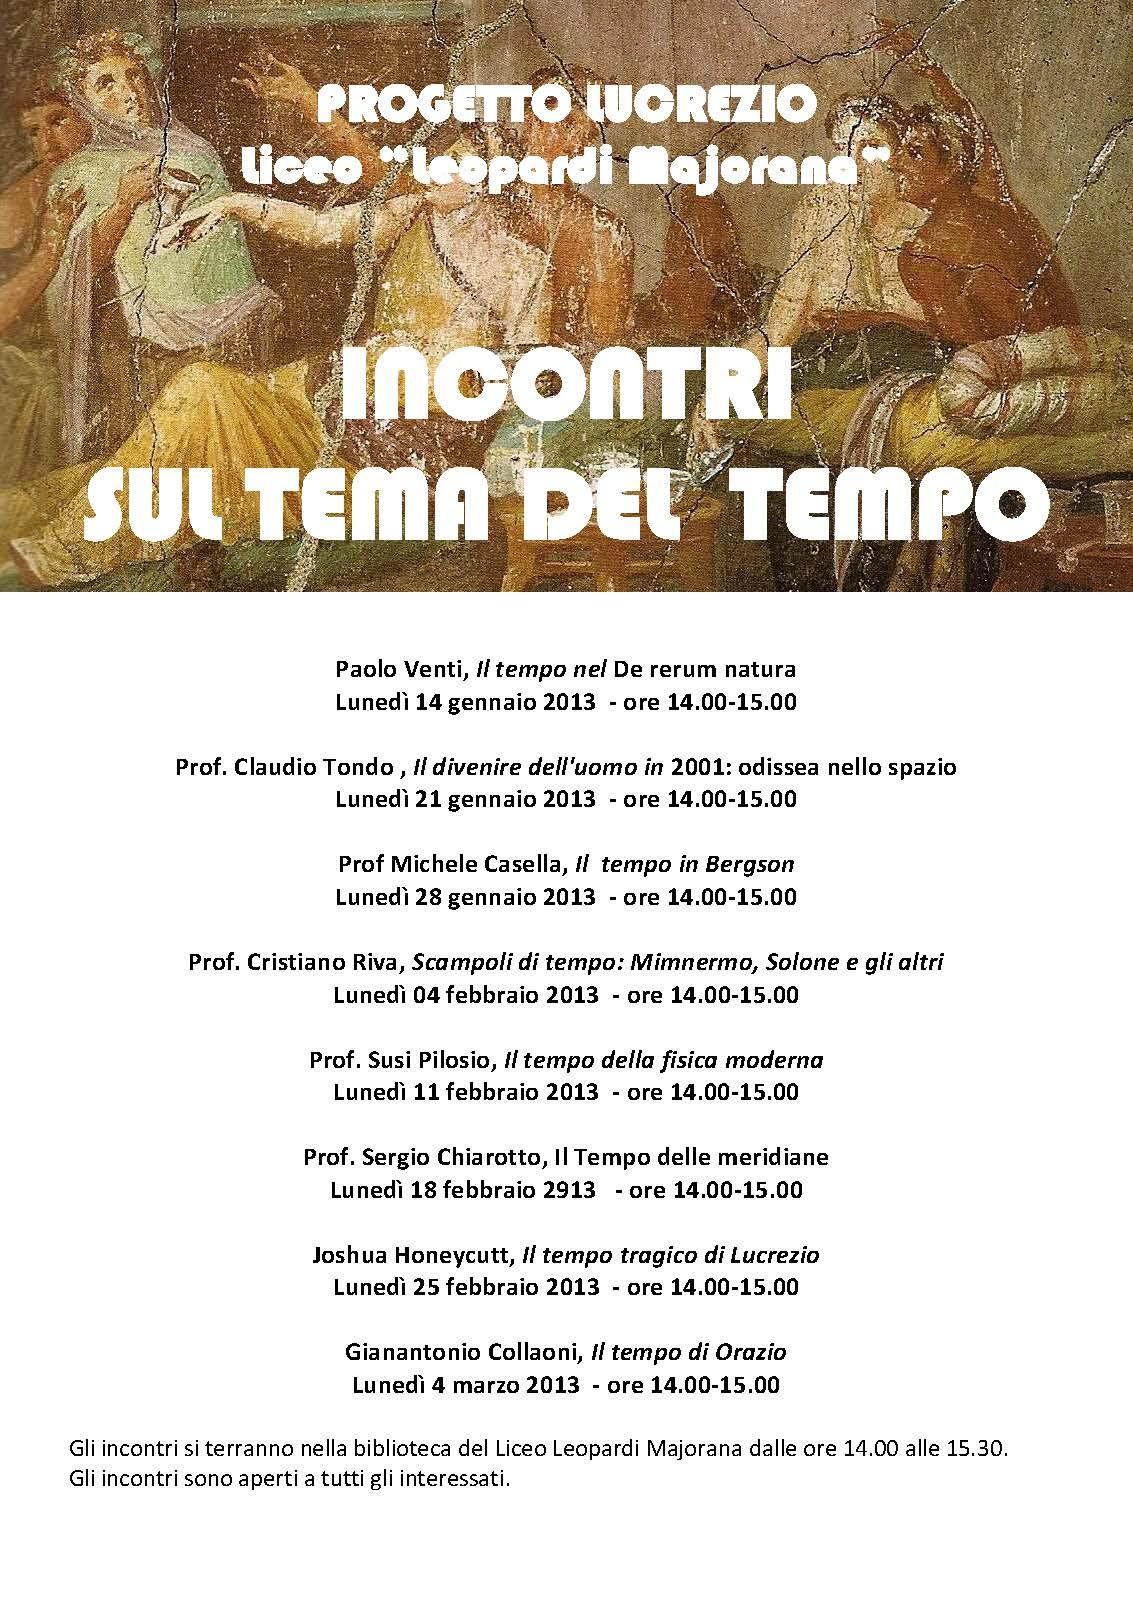 Conferenze Certamen Lucretianum